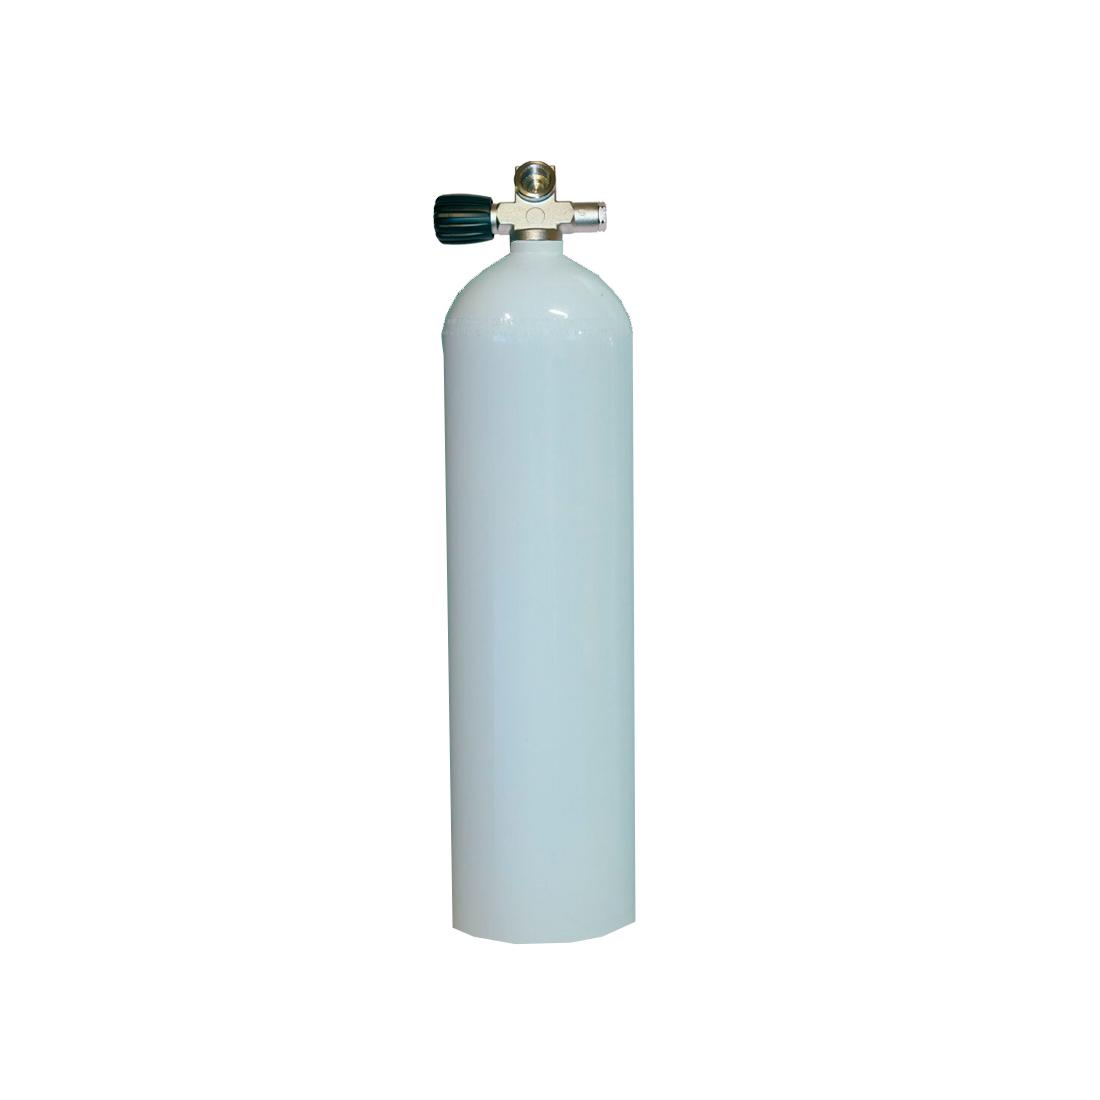 MES - Tauchgerät 11,1l 207Bar 80cuft Aluflasche ohne/mit Ventil weiss